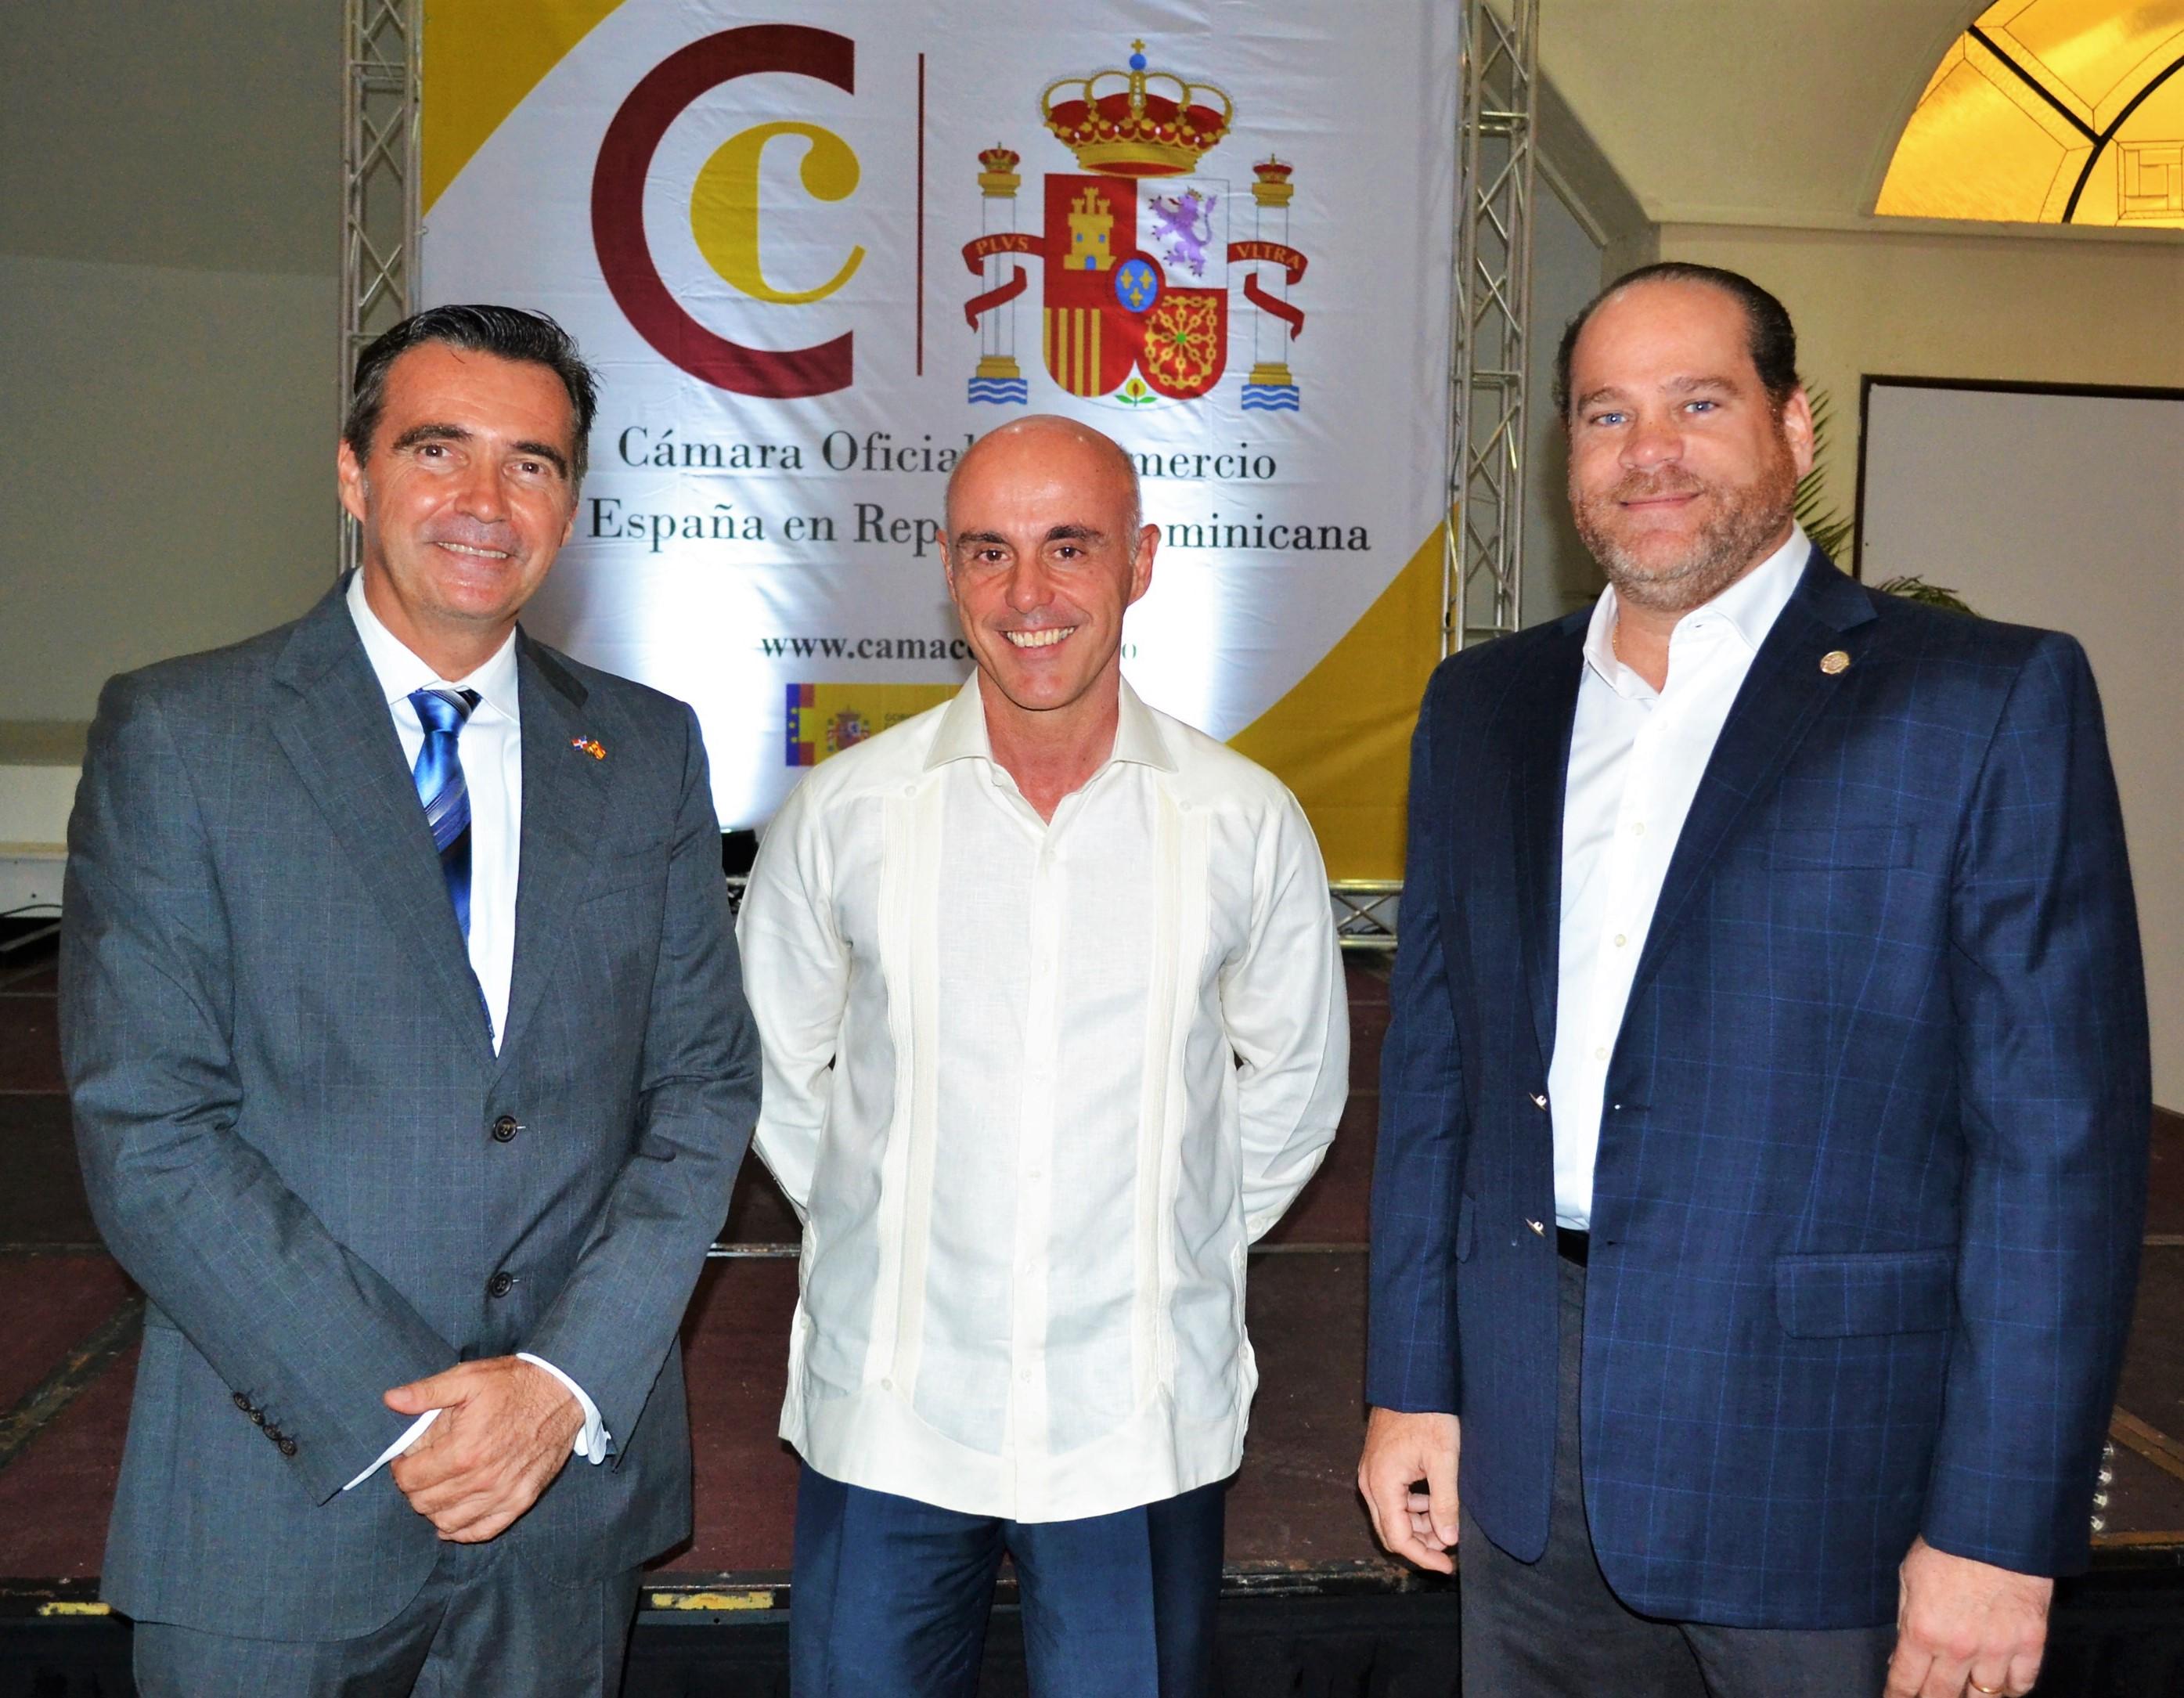 Juan Antonio García Carnicer, Alejandro Abellan García de Diego y Julio García